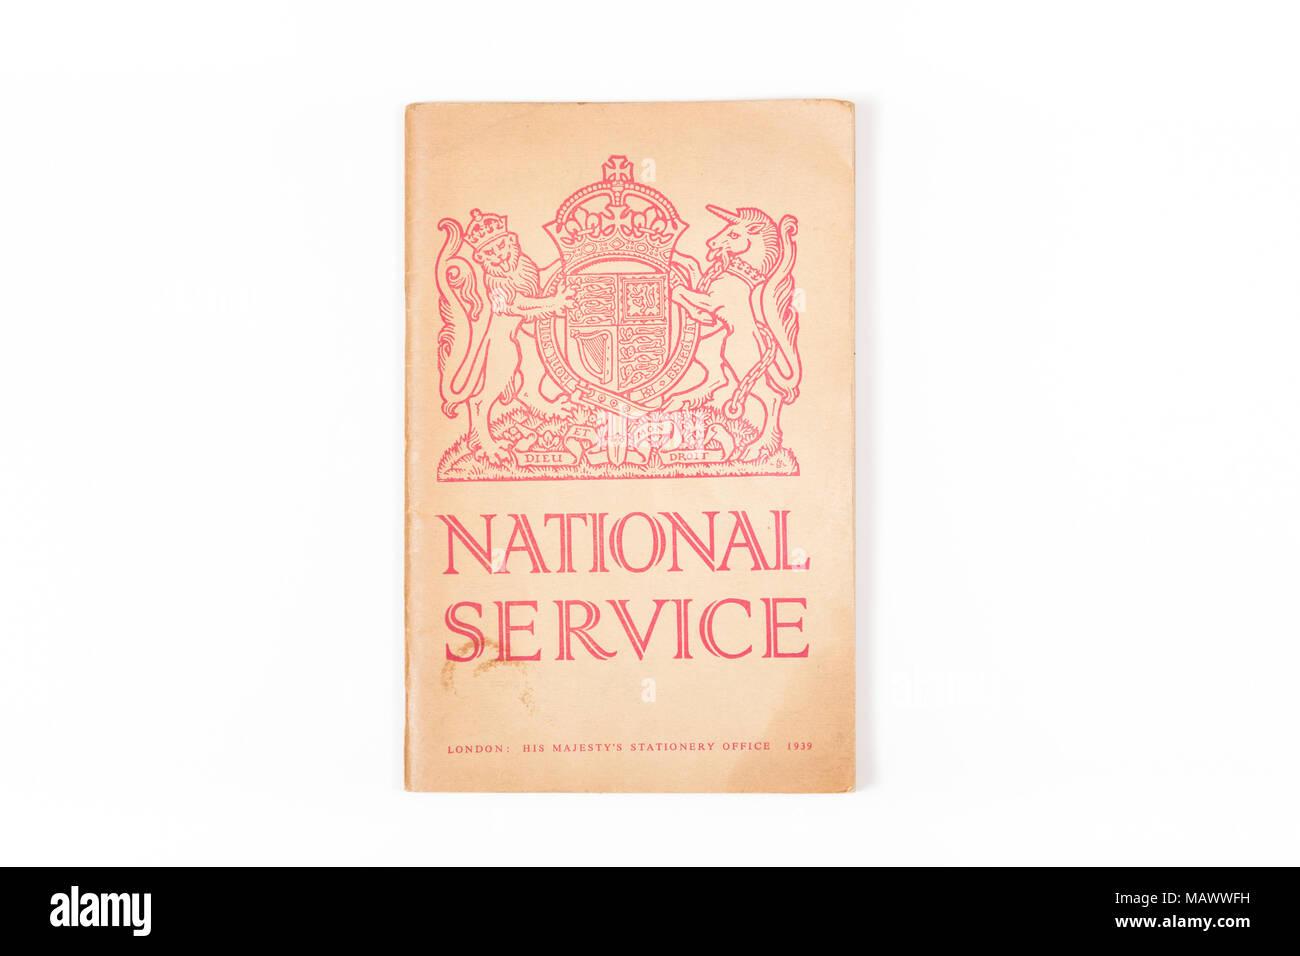 Folleto de Servicio Nacional del Reino Unido de fecha 1939 Foto de stock